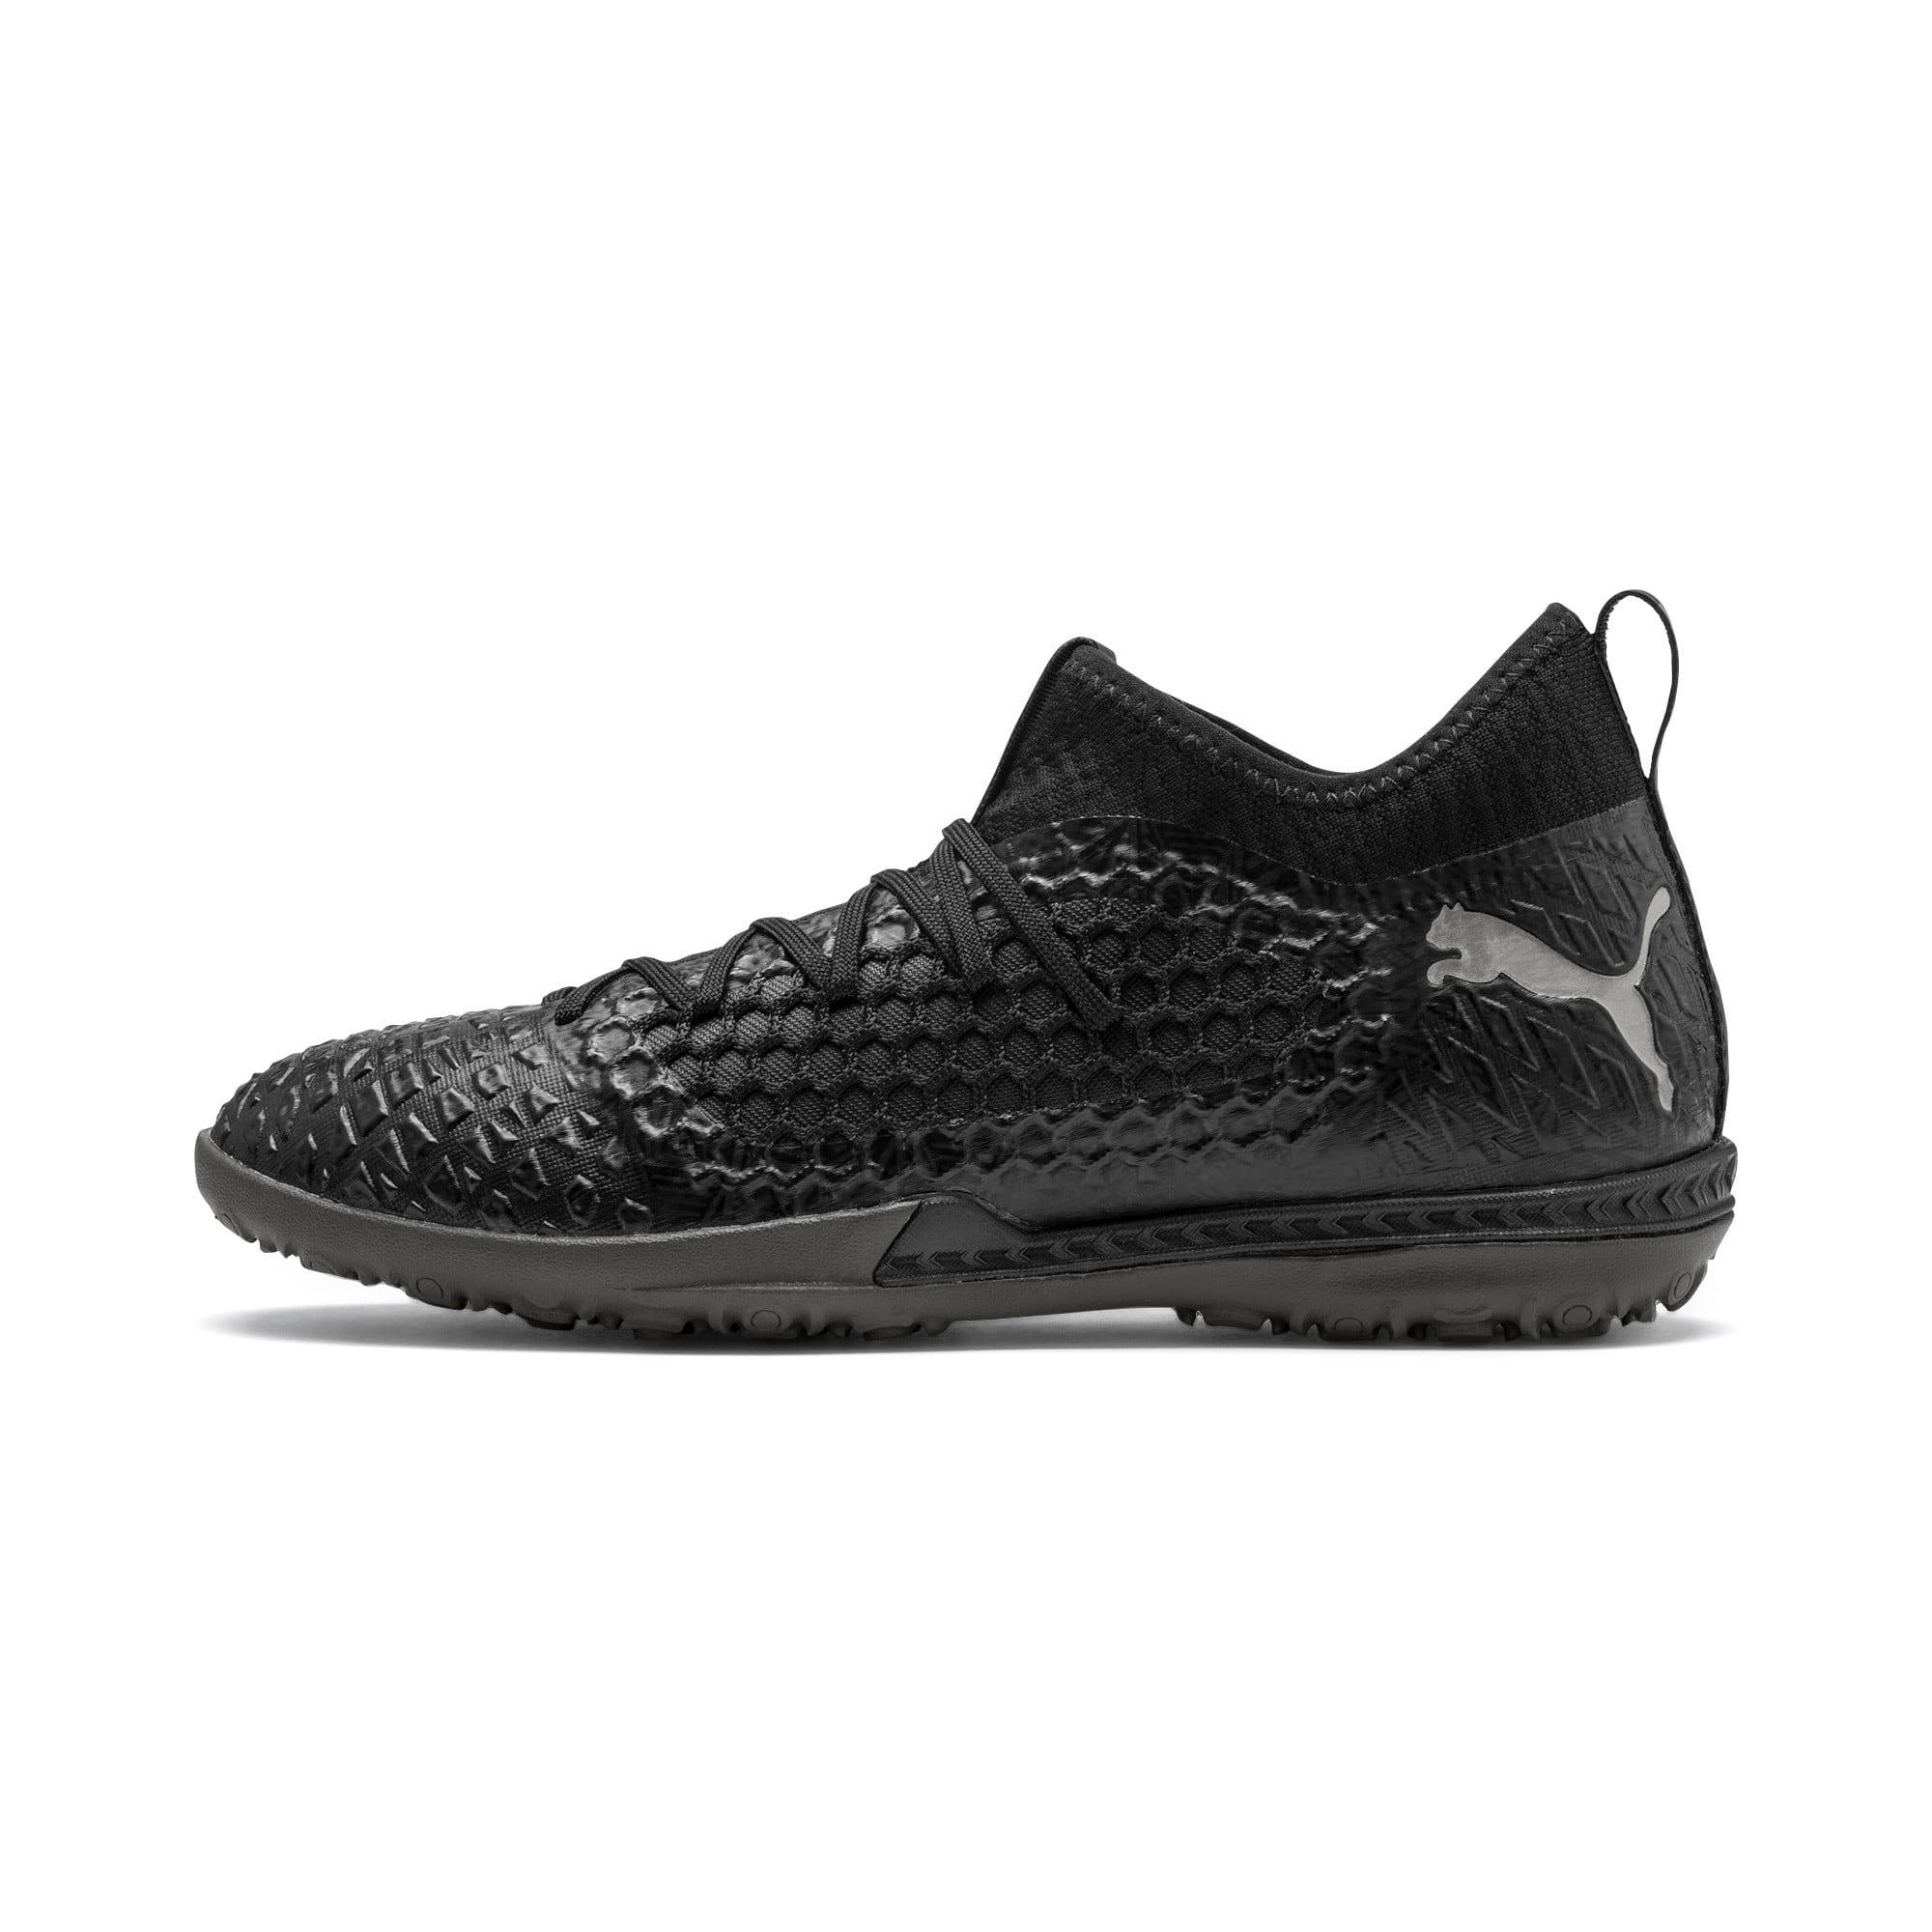 Thumbnail 1 of FUTURE 4.3 NETFIT TT Men's Soccer Shoes, Black-Black-Puma Aged Silver, medium